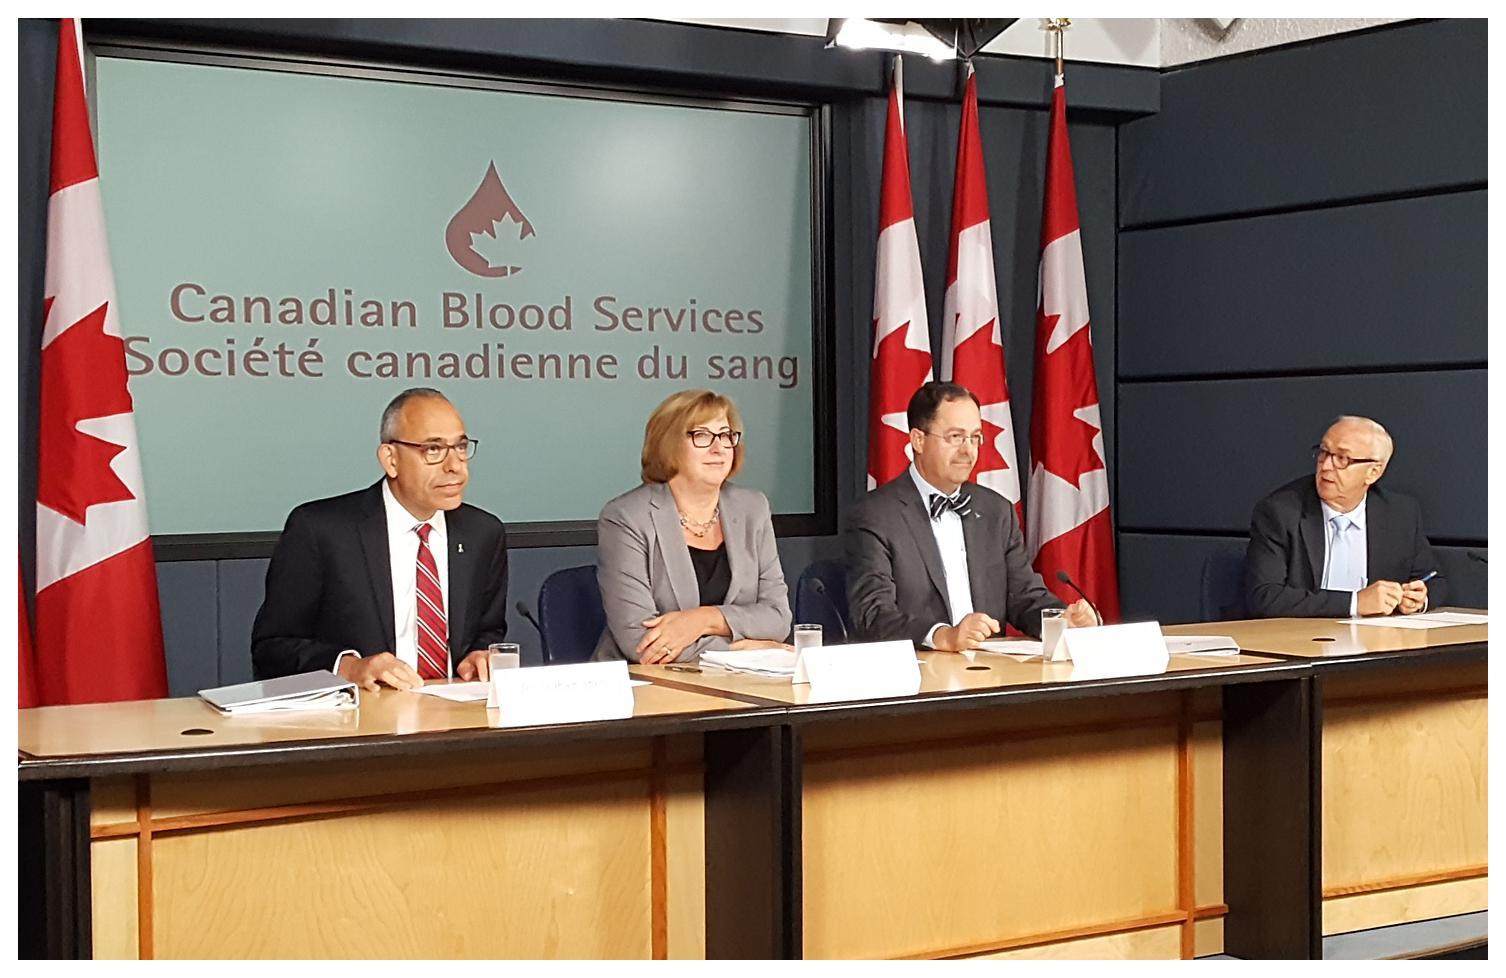 Des représentants de la Société canadienne du sang présentent le système de don et de greffe d'organes au Canada